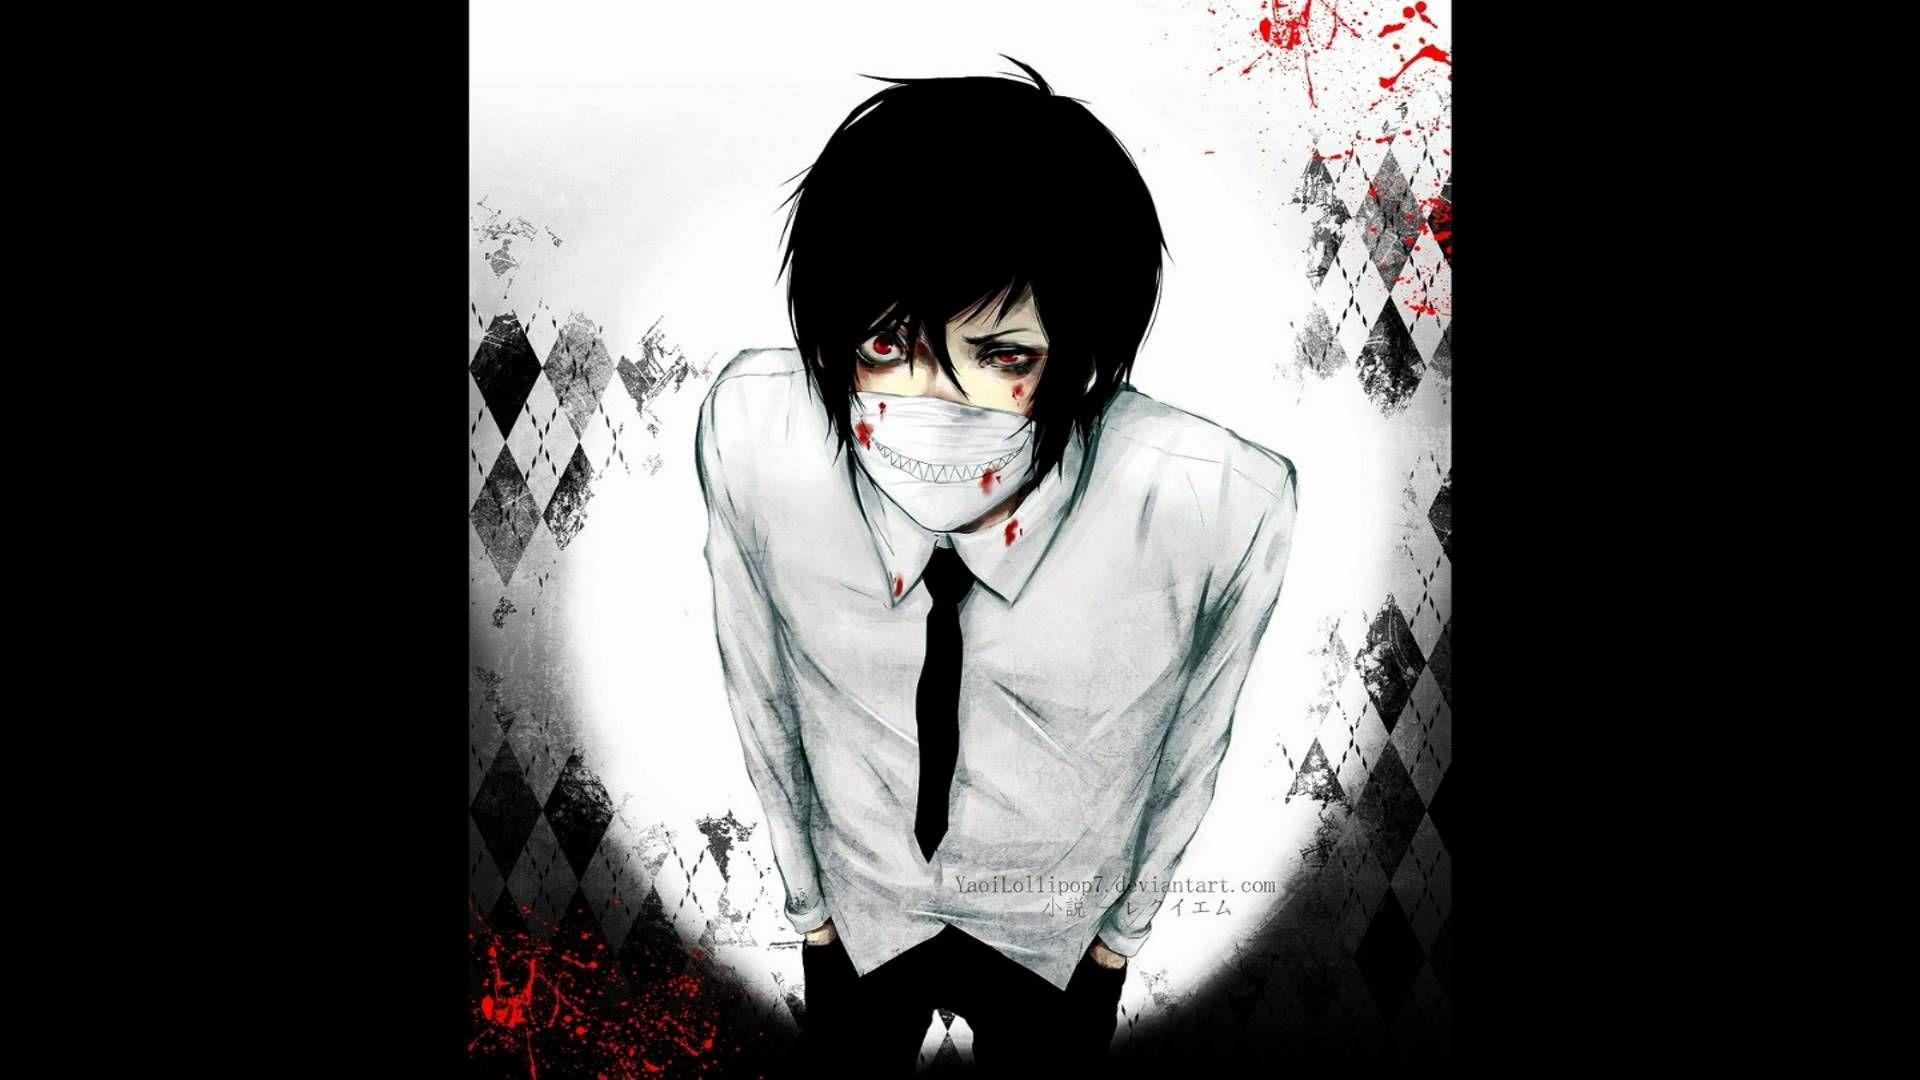 Dr.Smiley Creepypasta Anime guys, Creepypasta, Dr smiley